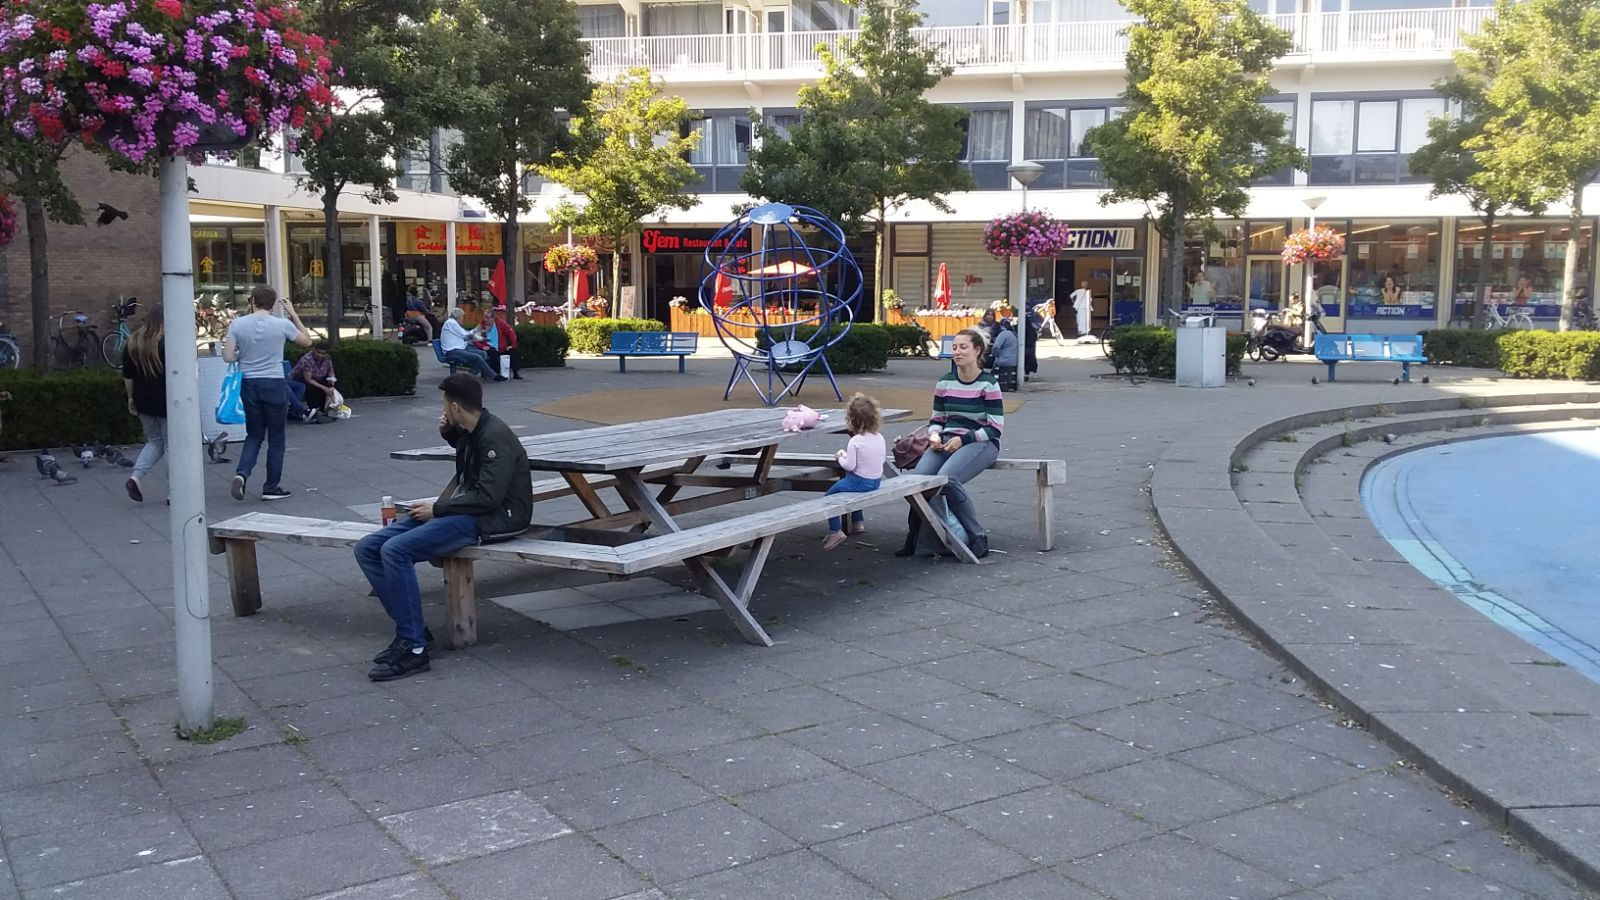 Placemaking Plus_livable to lovable_delflandplein_public life_publicspace.jpg